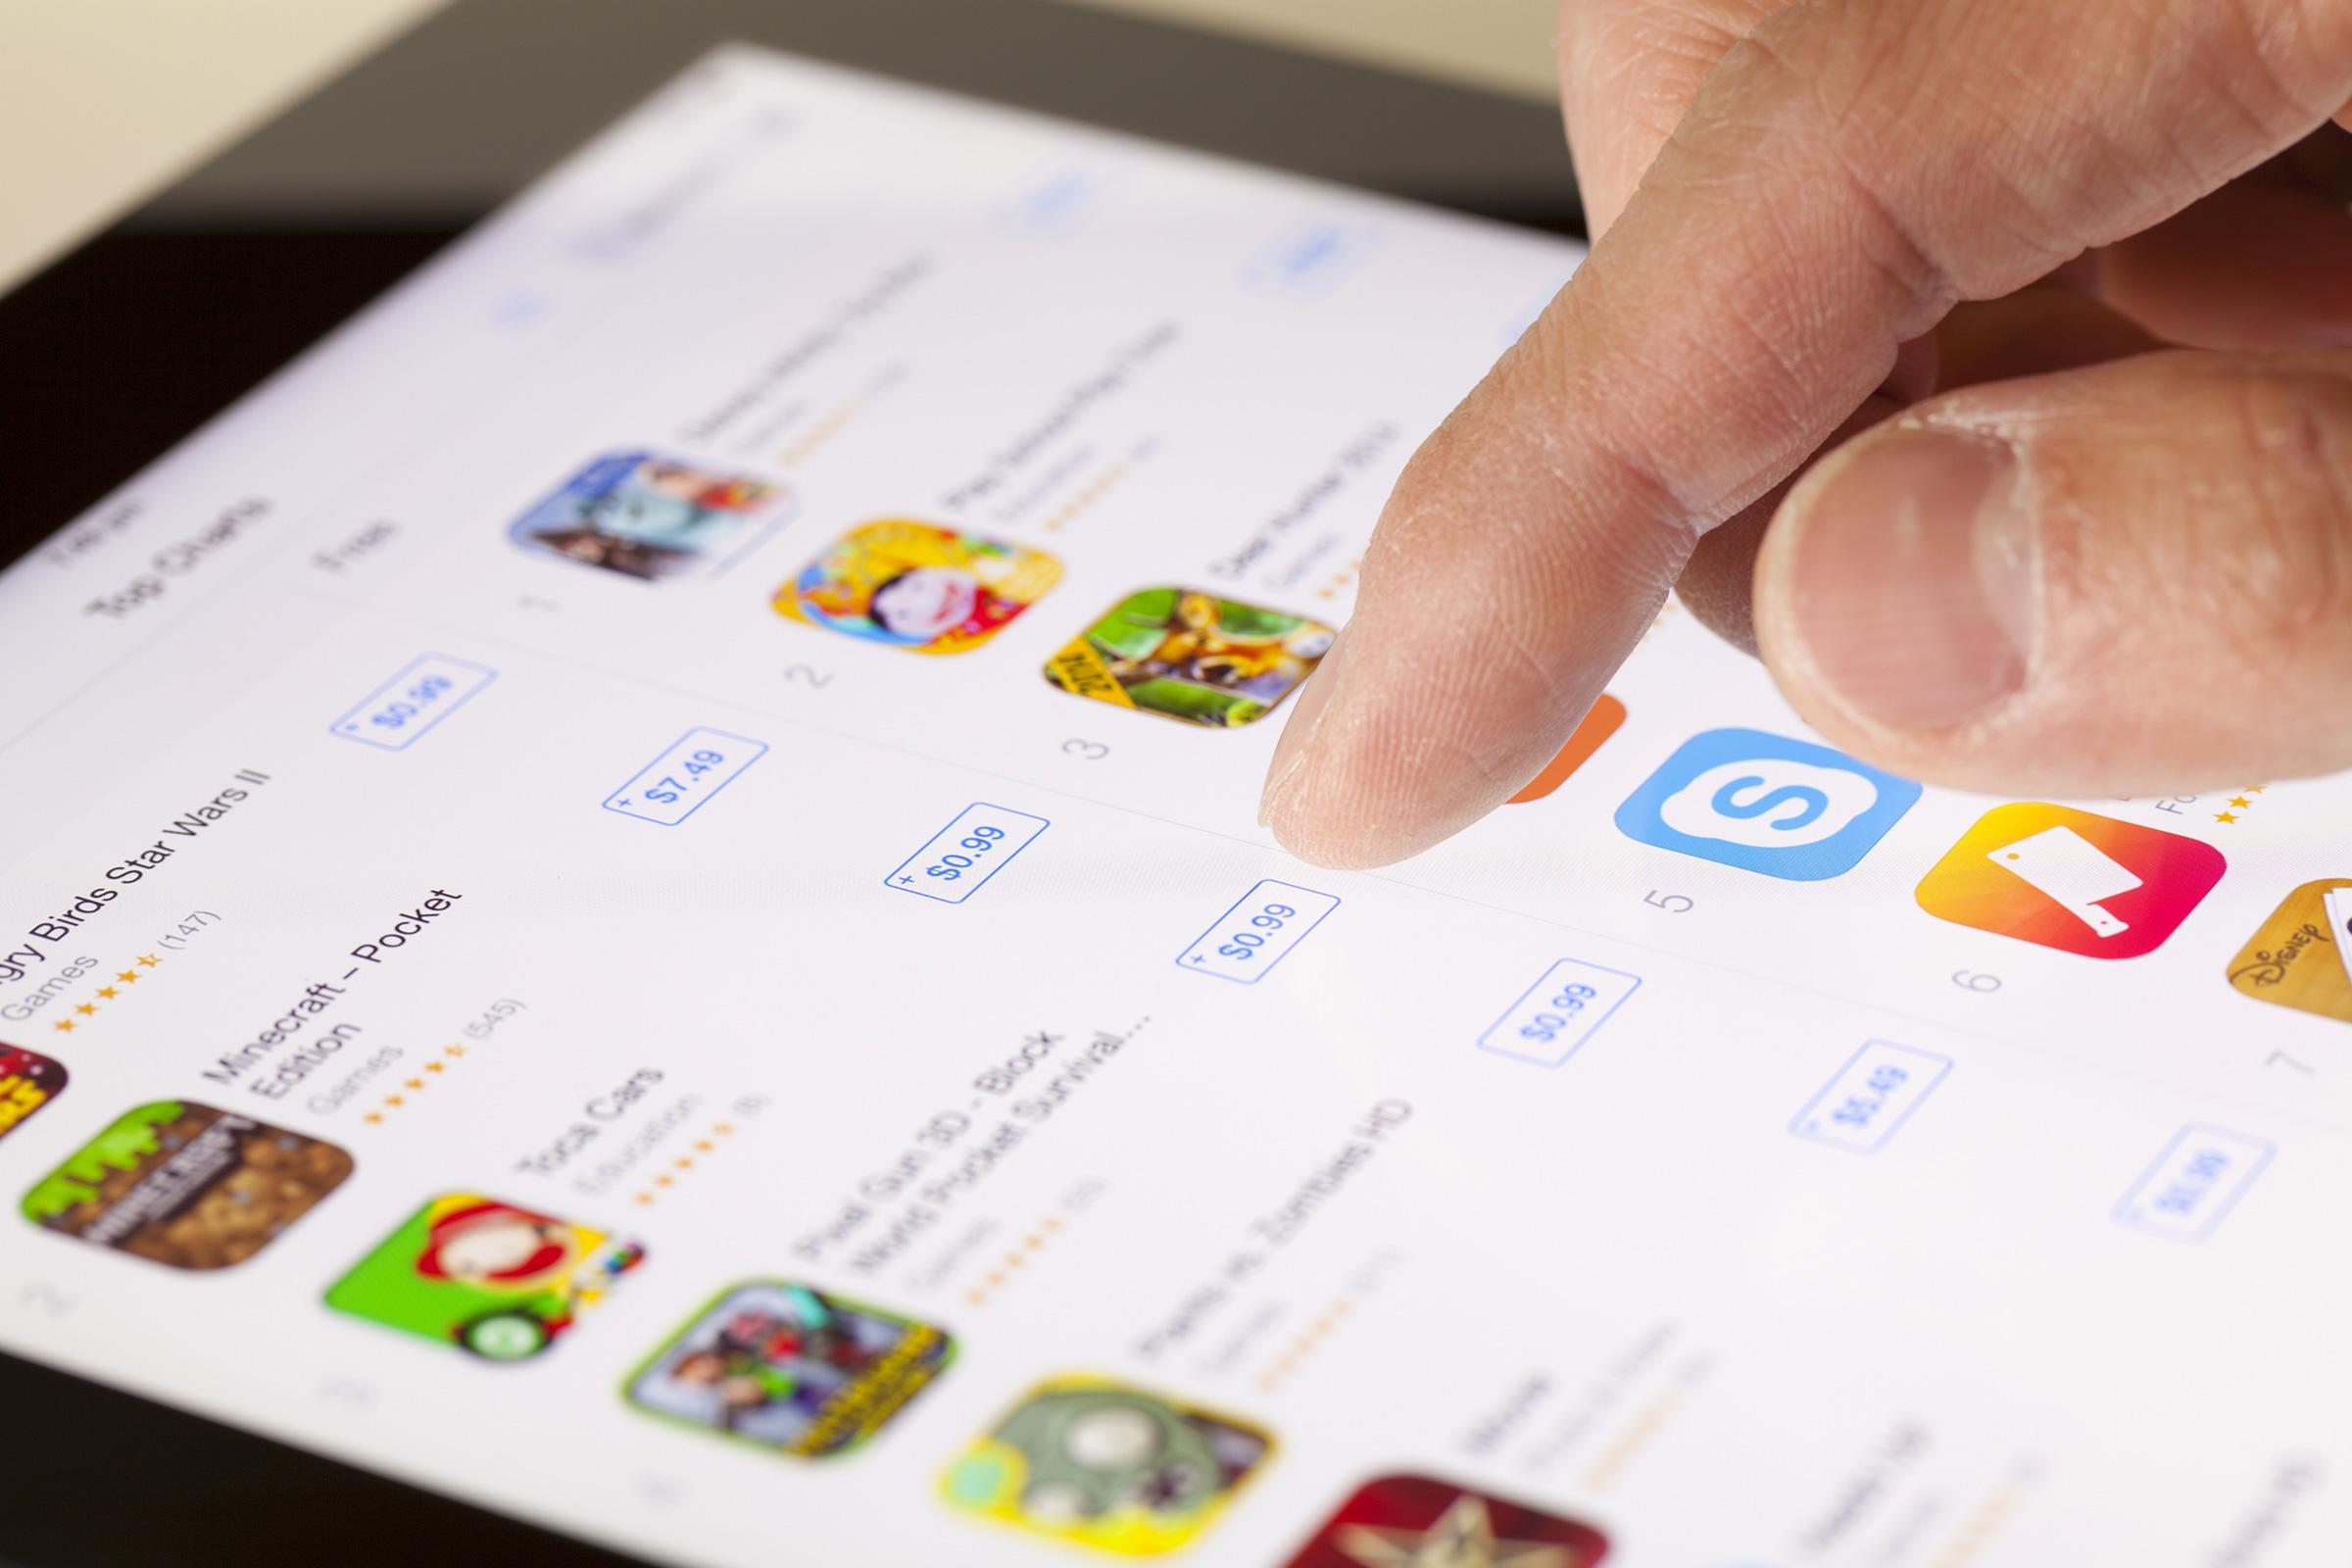 Mão tocando na App Store num iPad